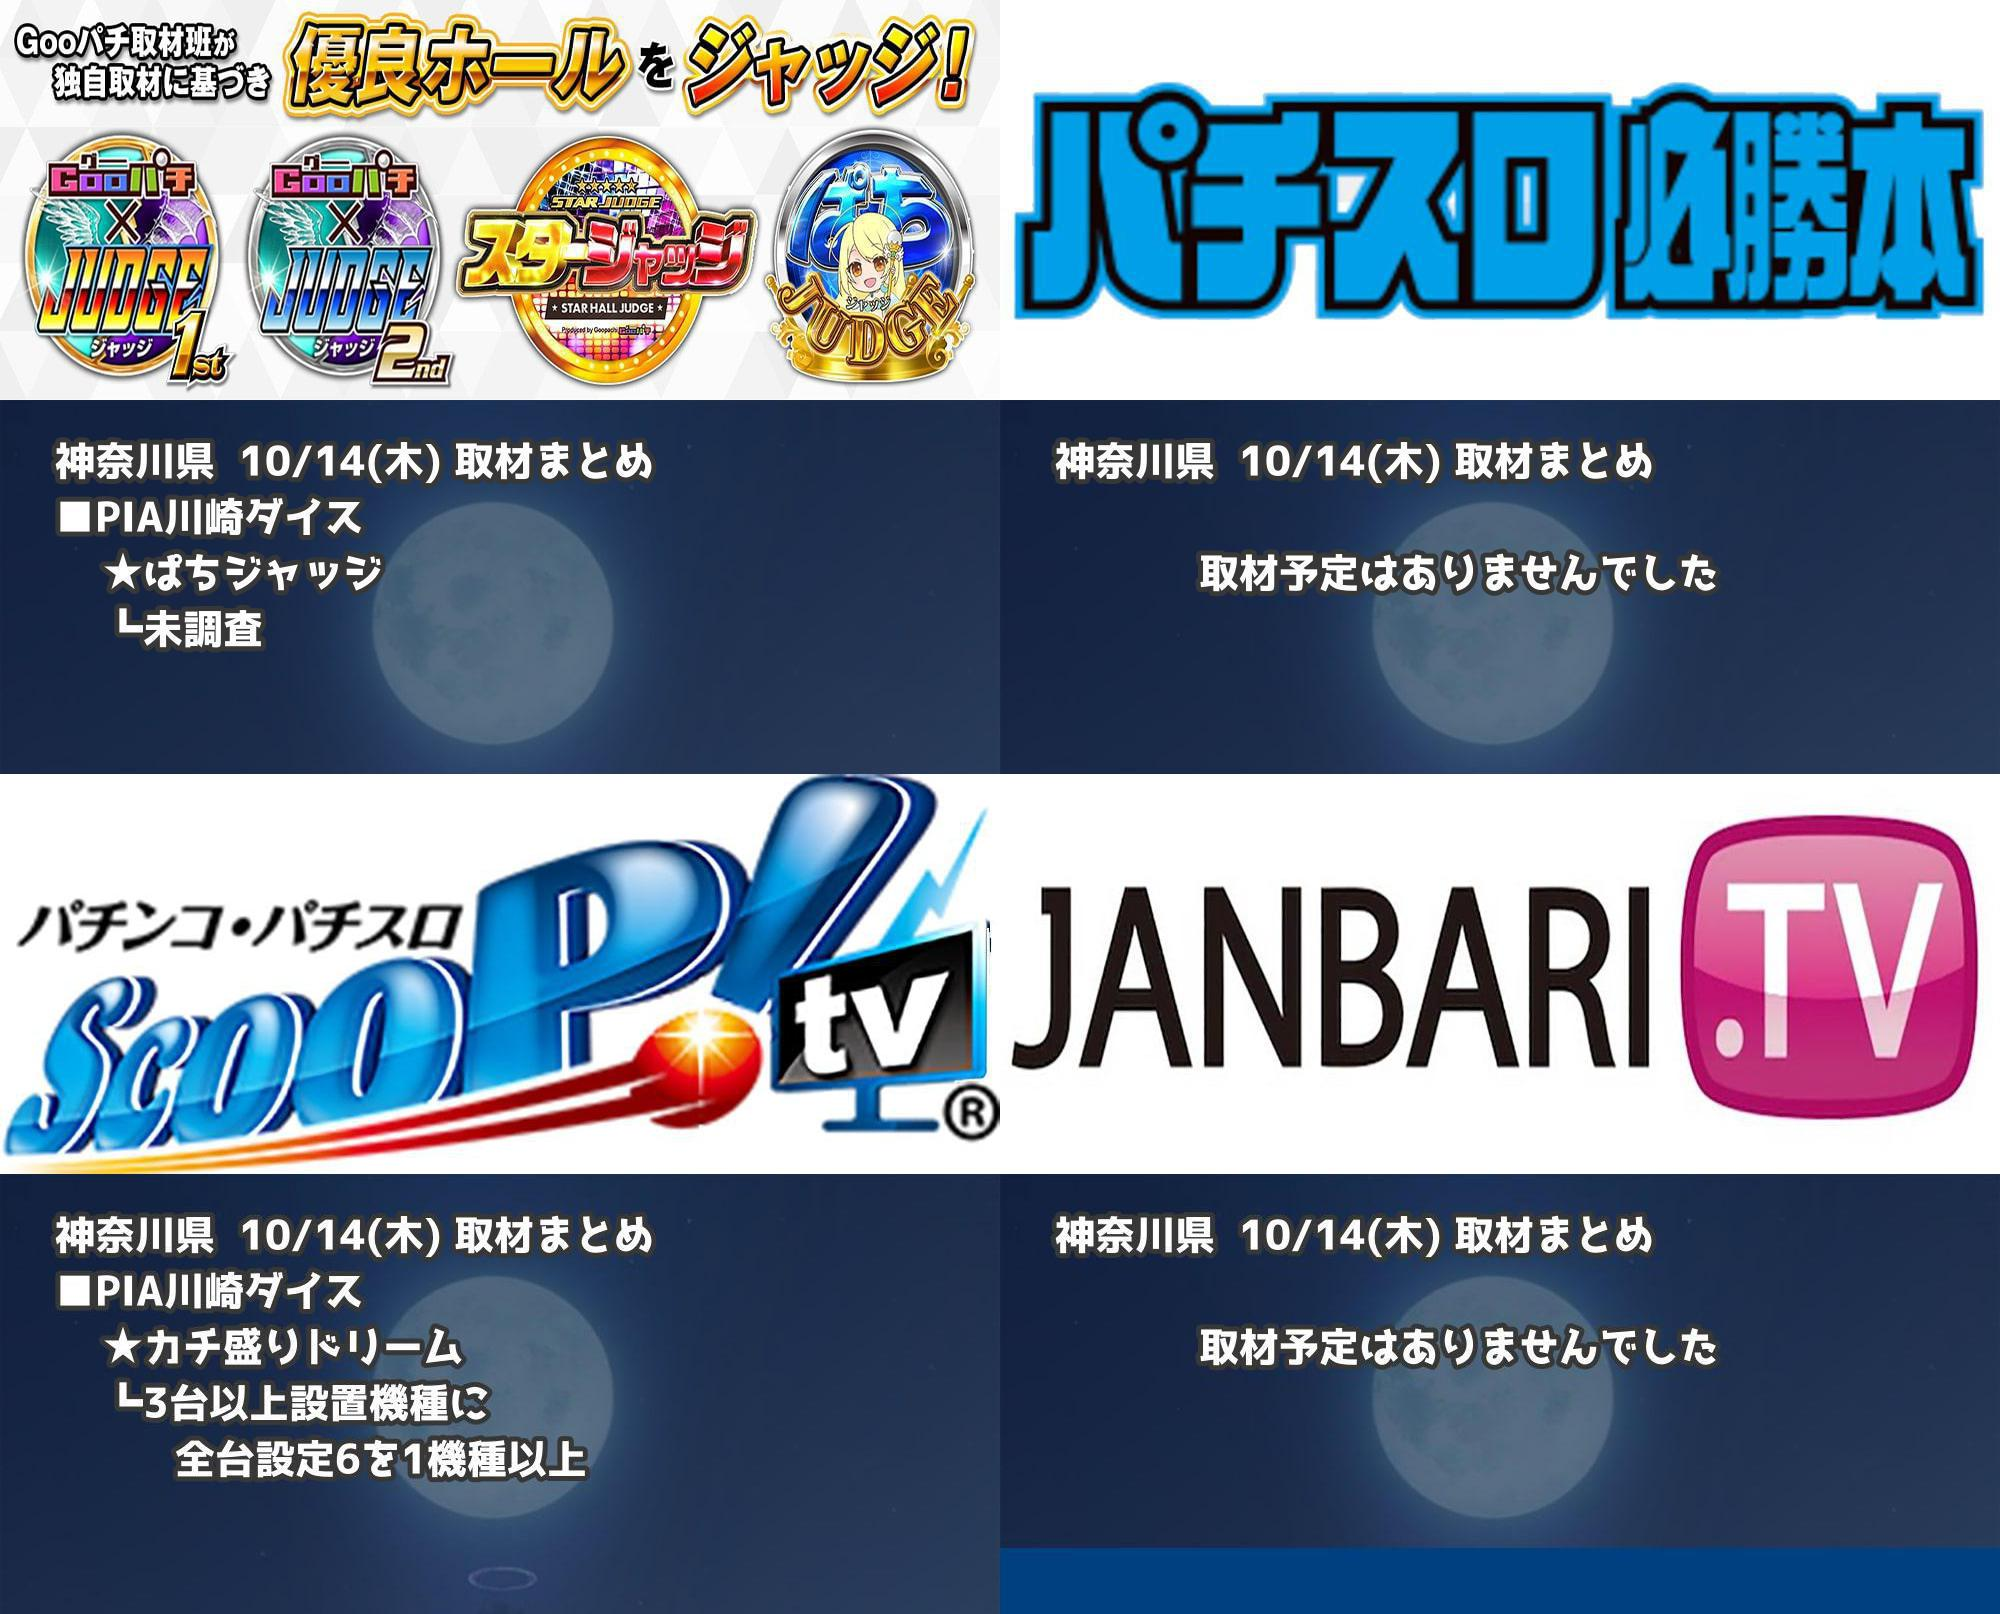 神奈川県_2021-10-14_パチンコ・パチスロ_イベント